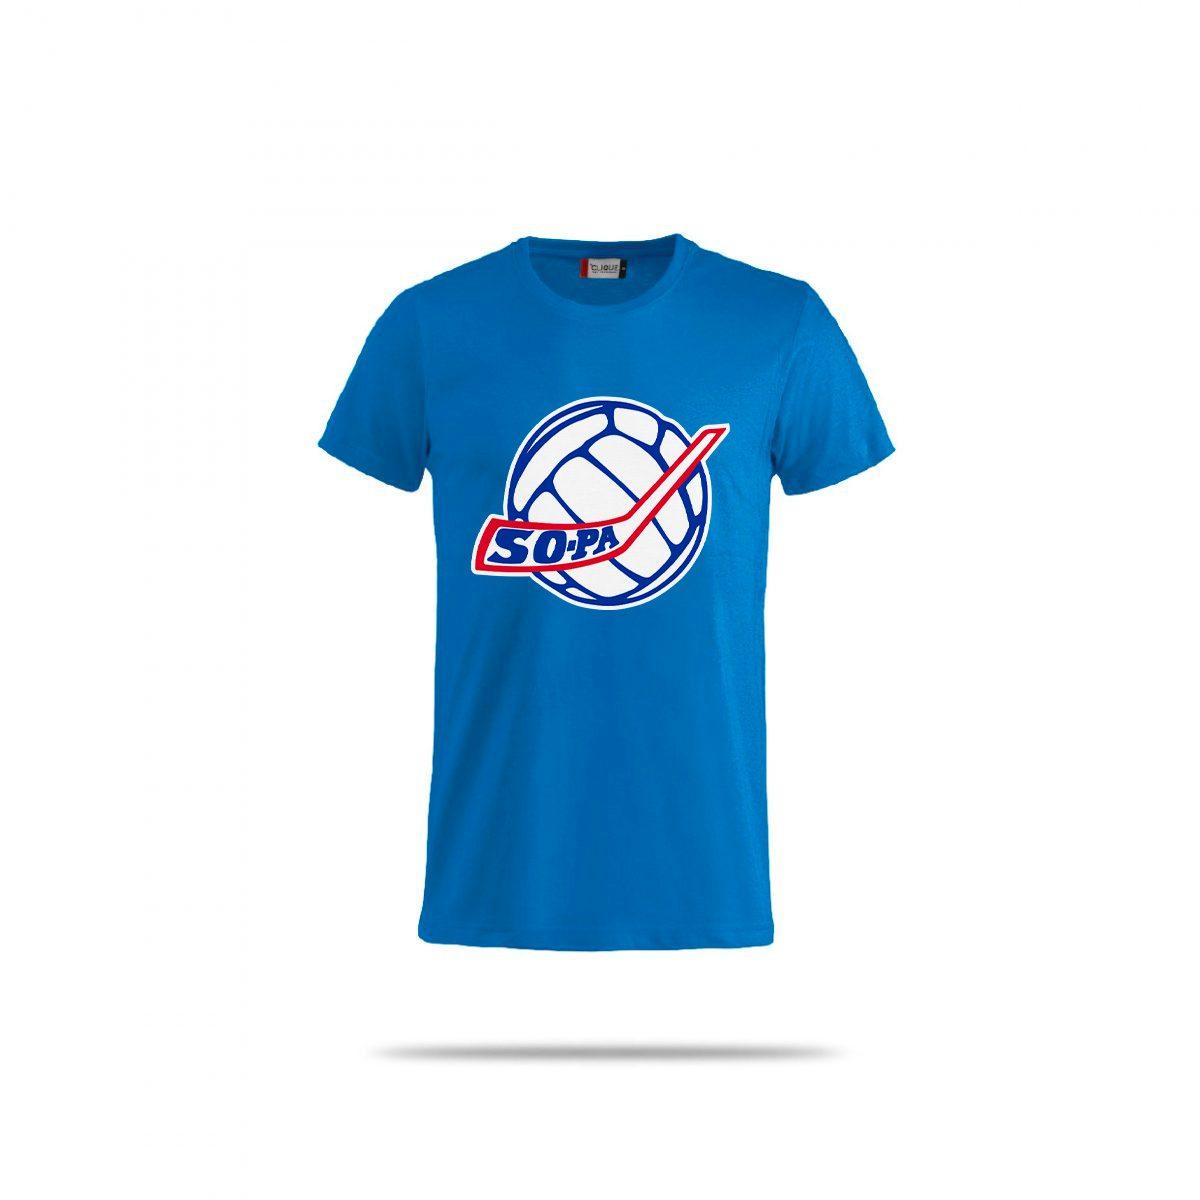 Sopa-jalkapallo-3020